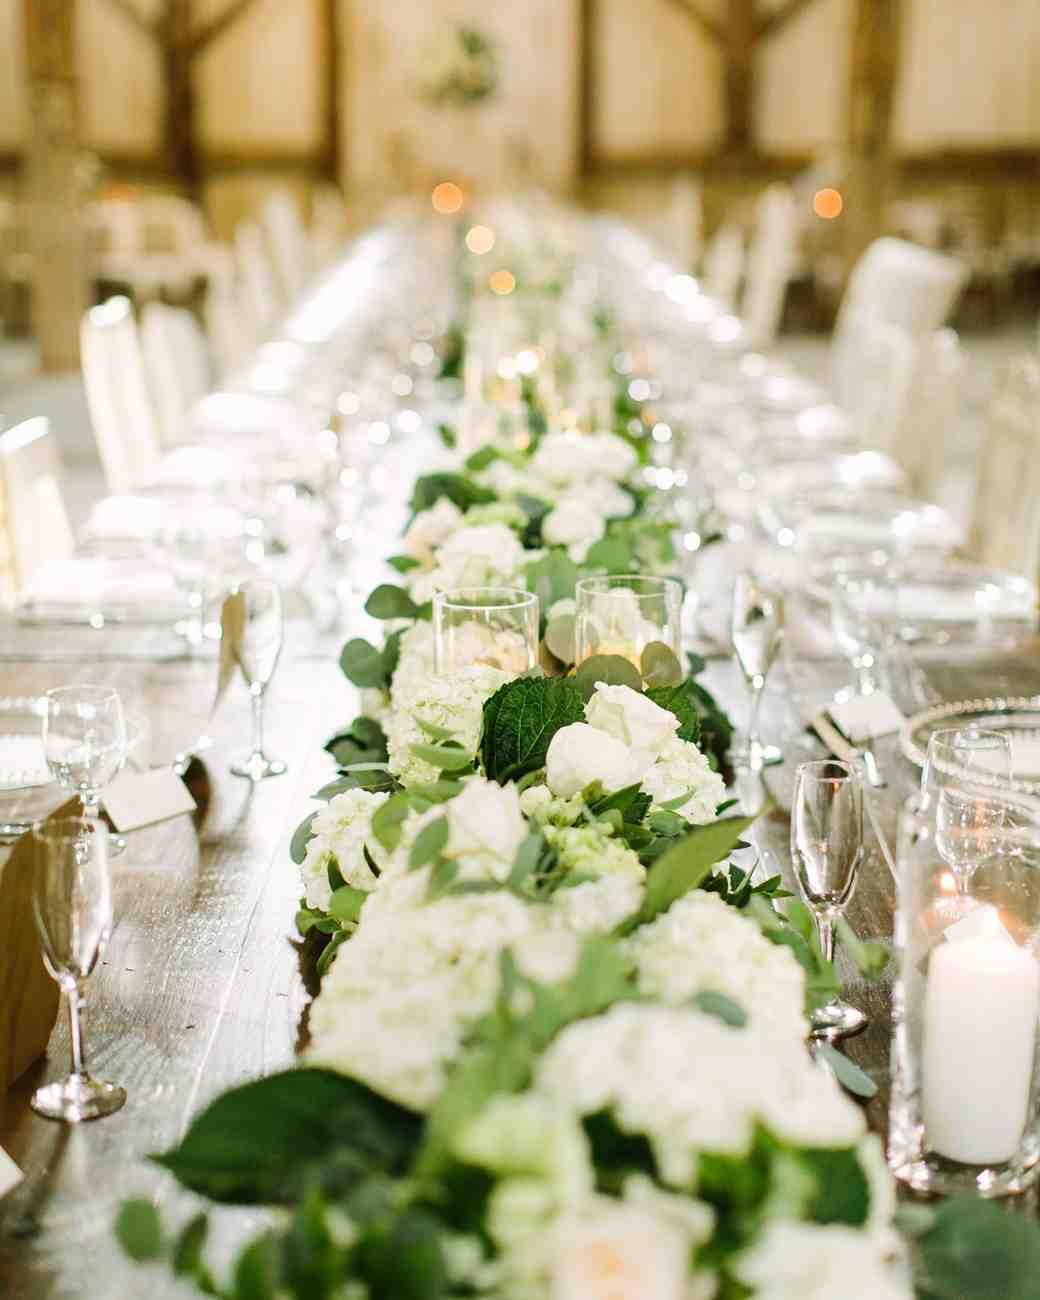 Elegant hydrangea wedding garland centerpiece